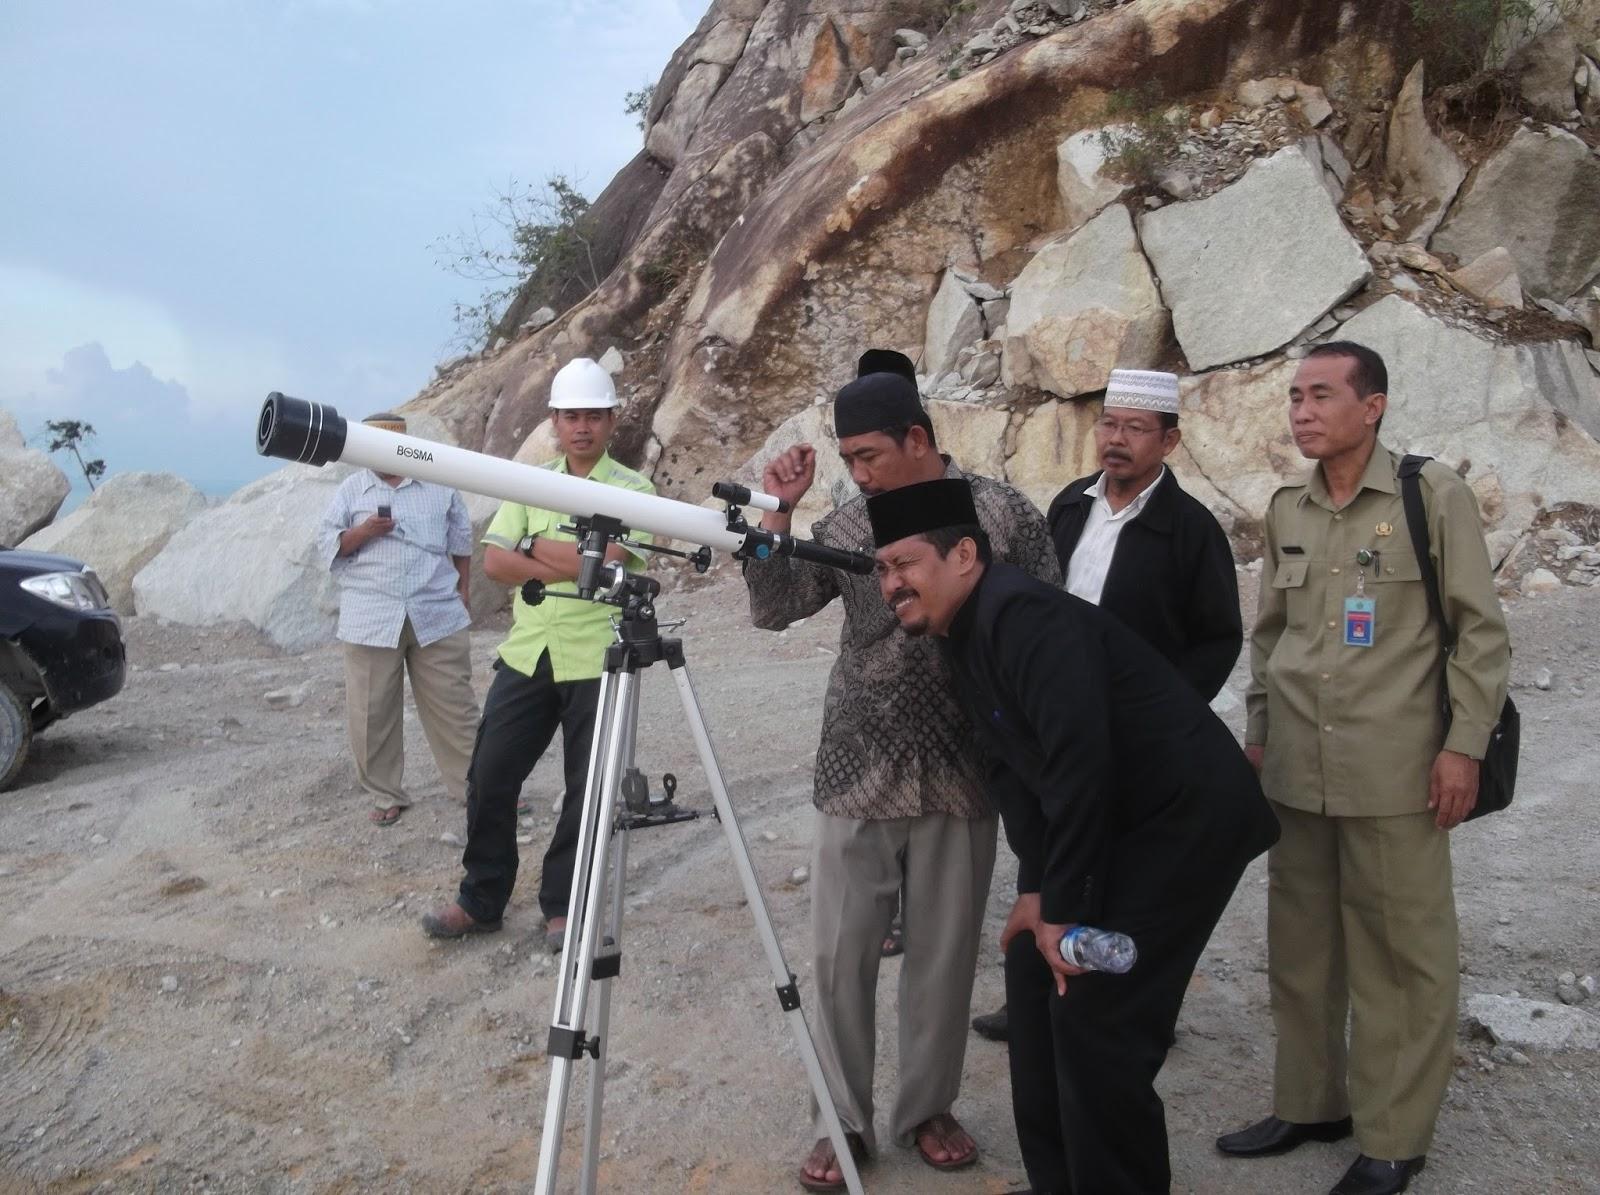 Galeri Foto: Observasi Hilal oleh Tim BHR Kabupaten Karimun di Pasir